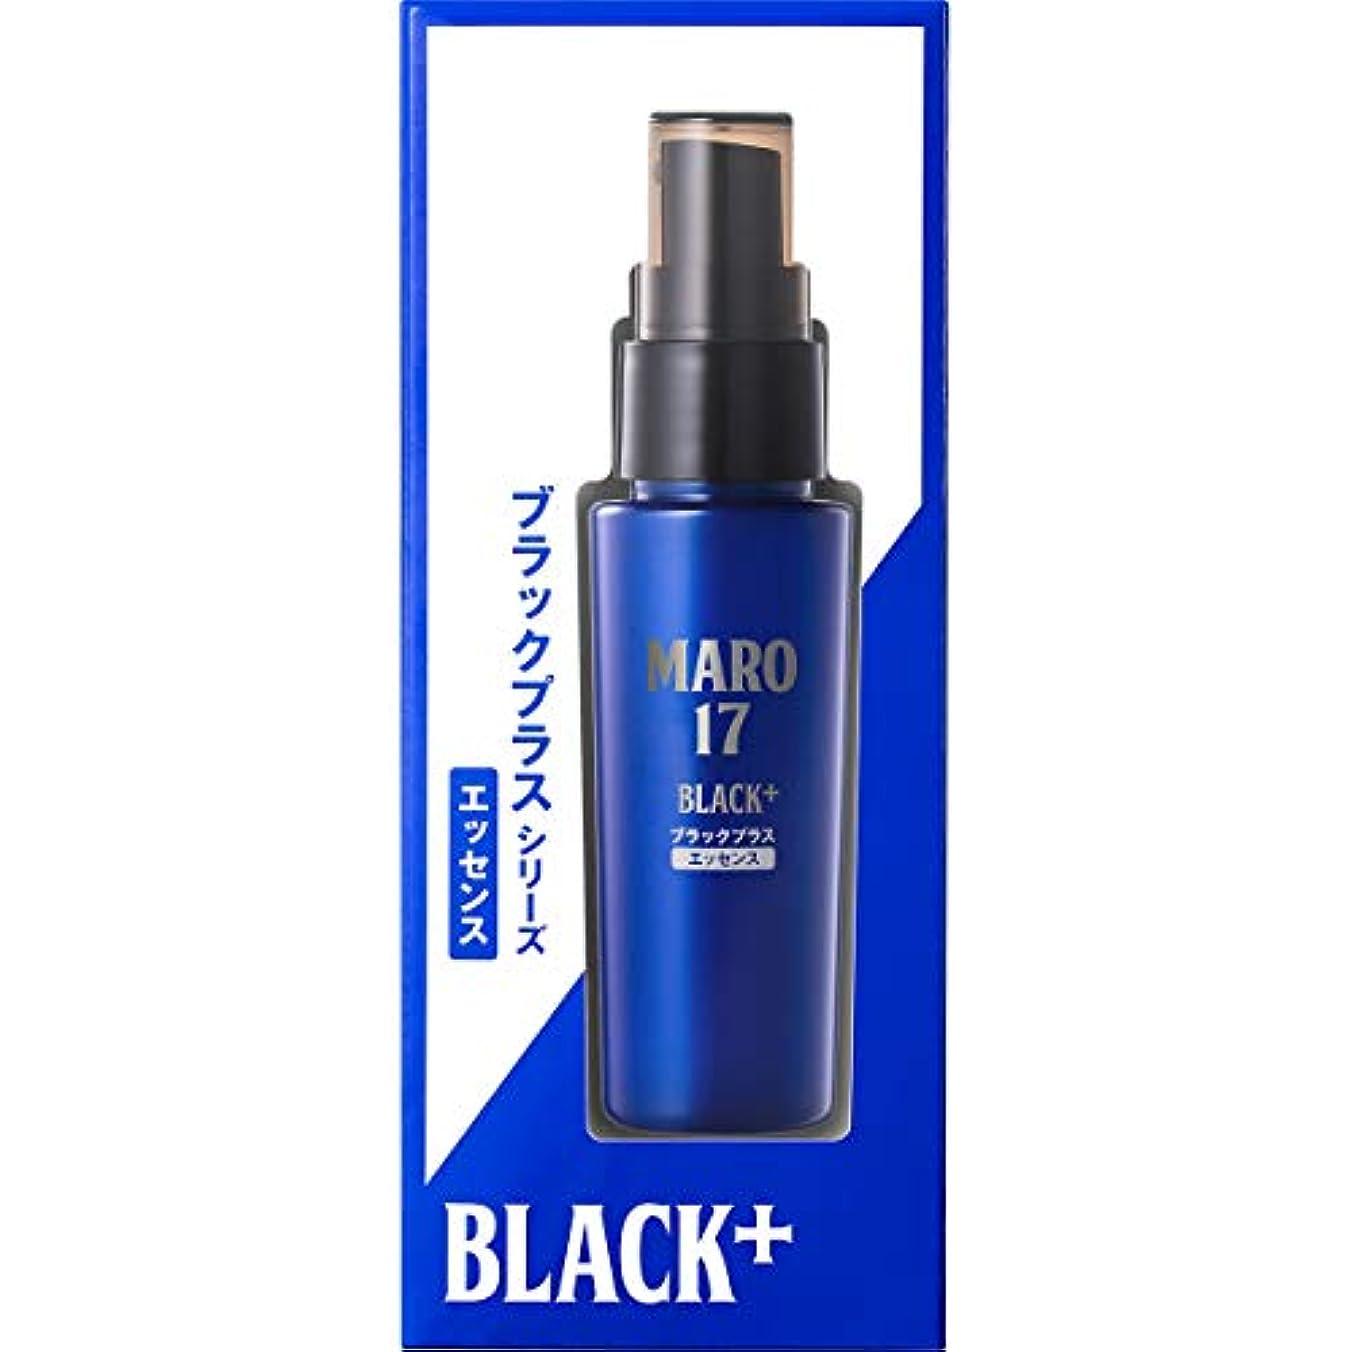 ラフ睡眠面白い欠点MARO17 ブラックプラス シリーズ エッセンス 50ml